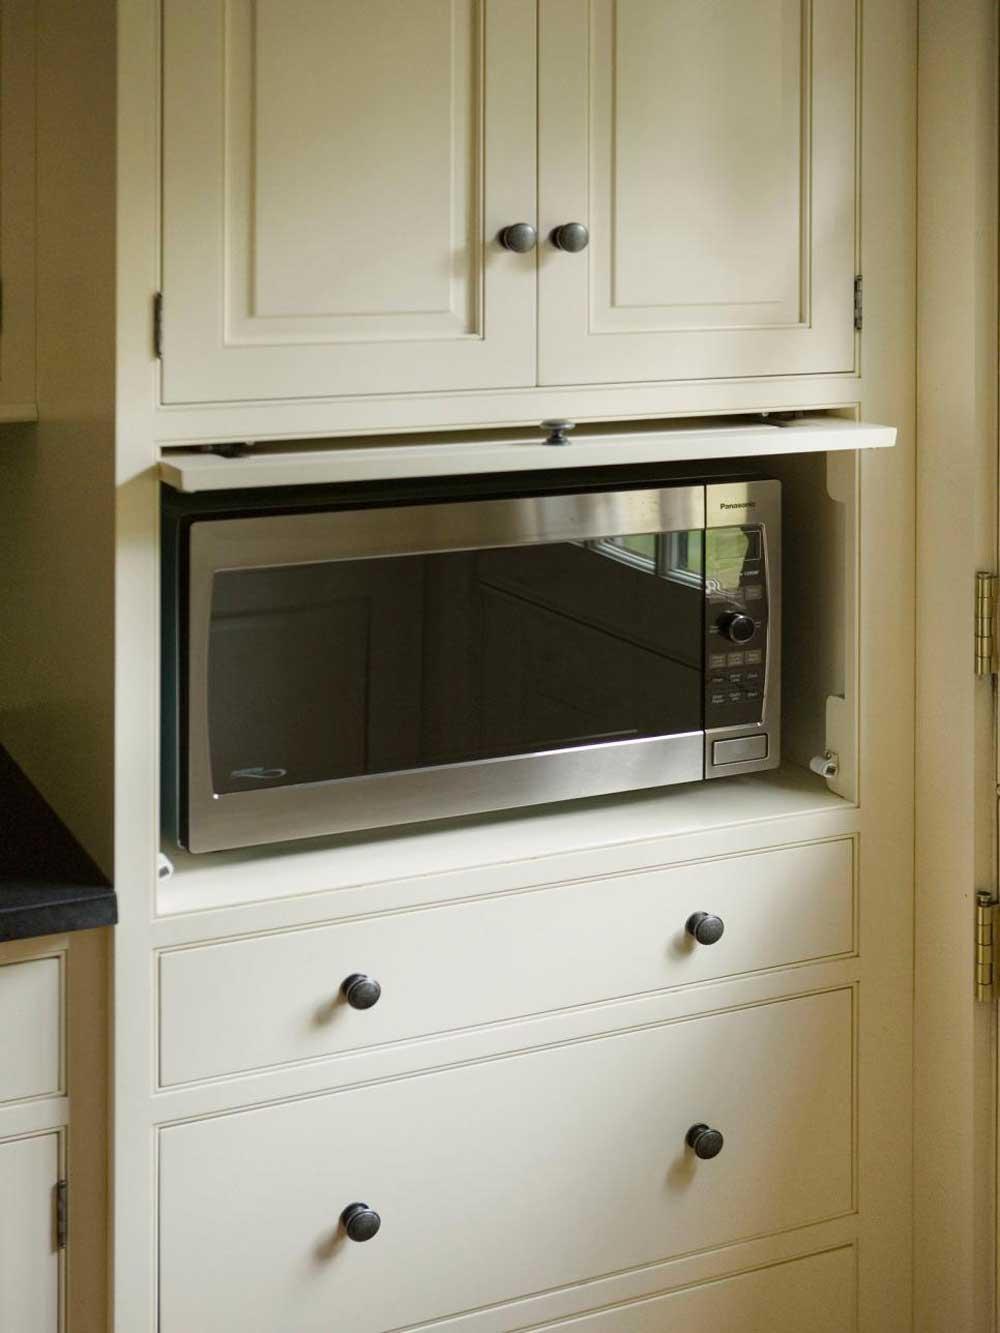 hidden_microwave.jpg